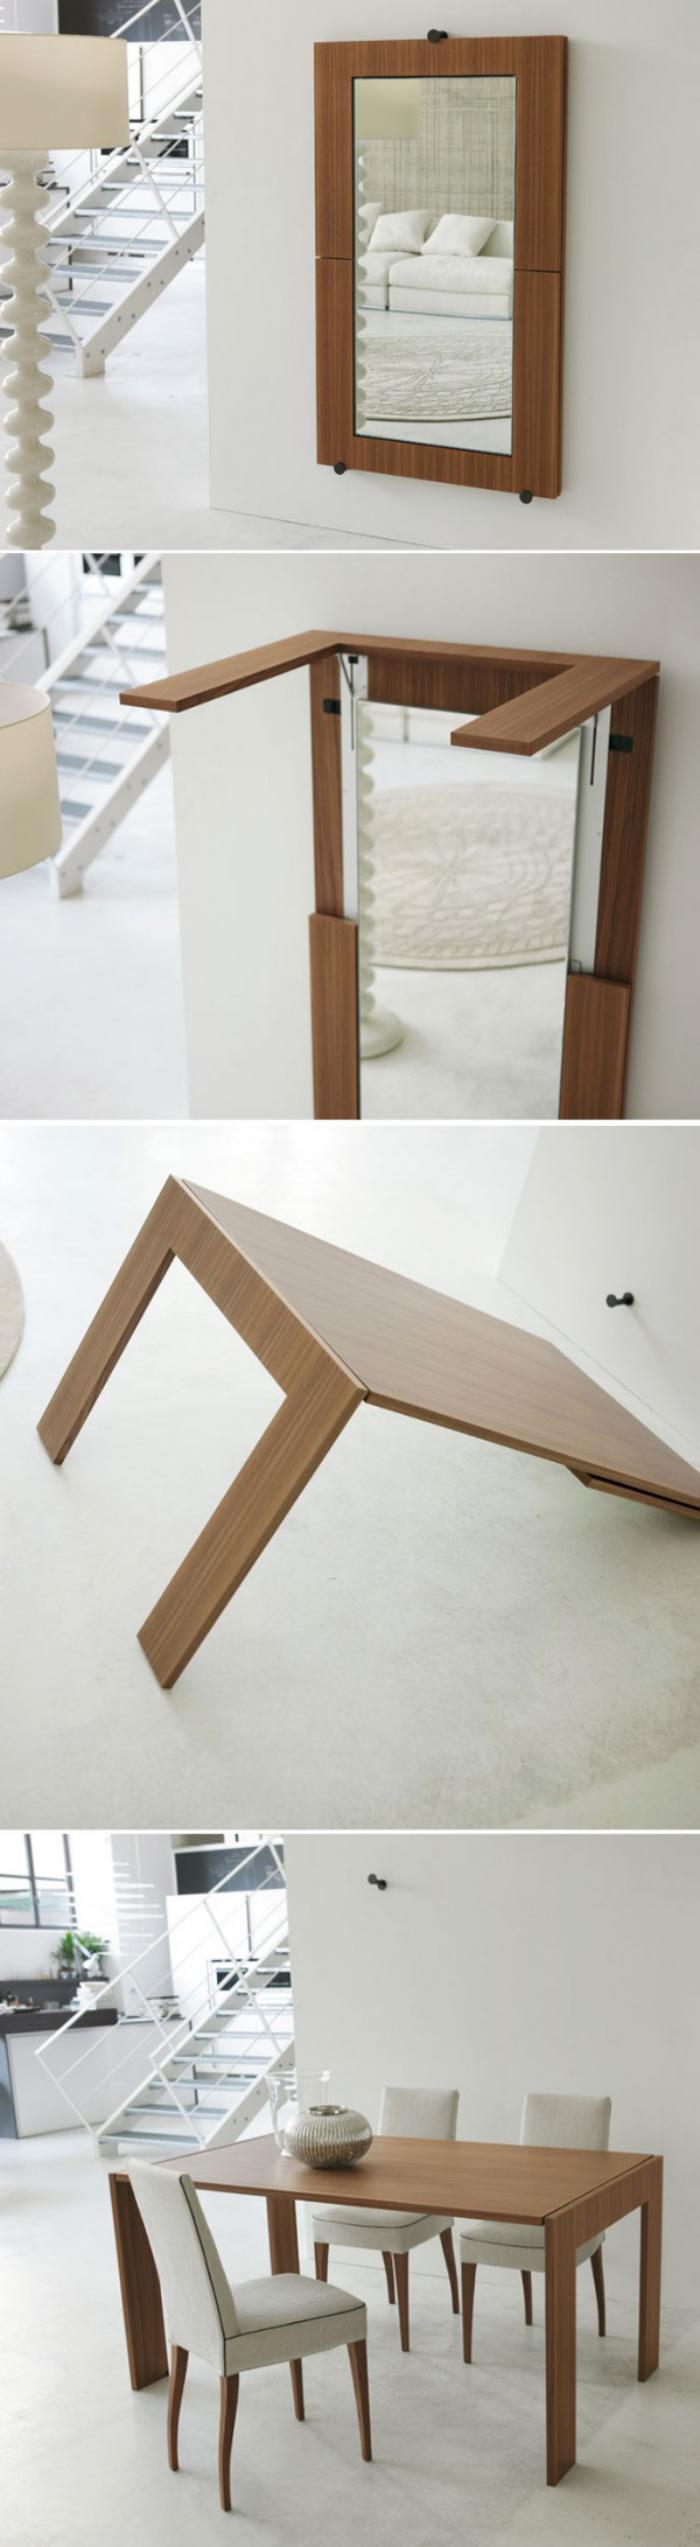 table-gain-de-place-meuble-gain-d'espace-créatif